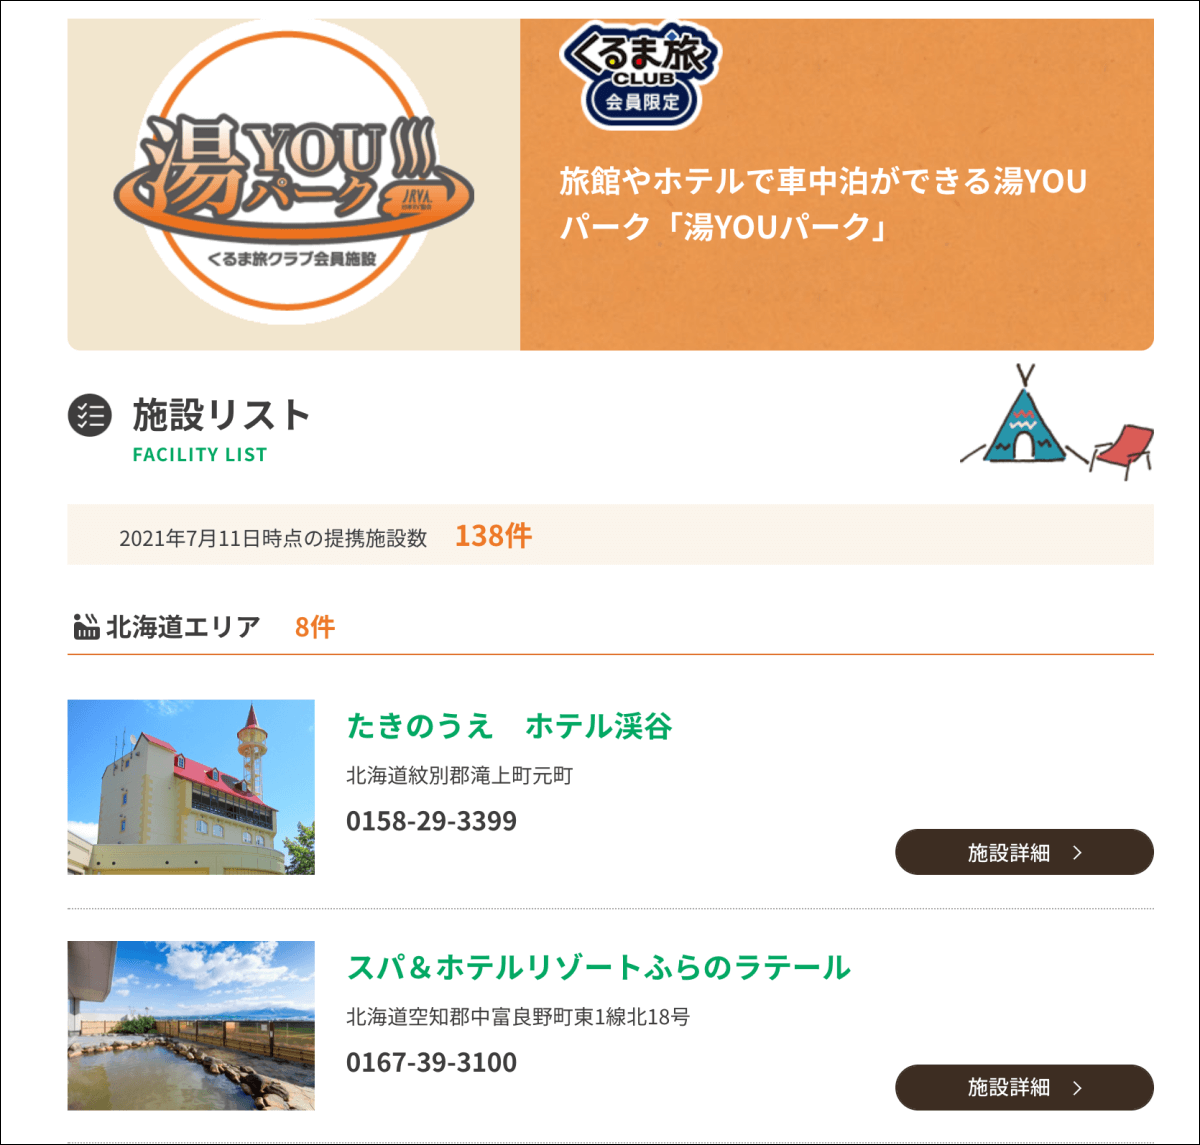 くるま旅クラブ公式サイト「くるま旅」内の「湯YOUパークのご案内」ページ